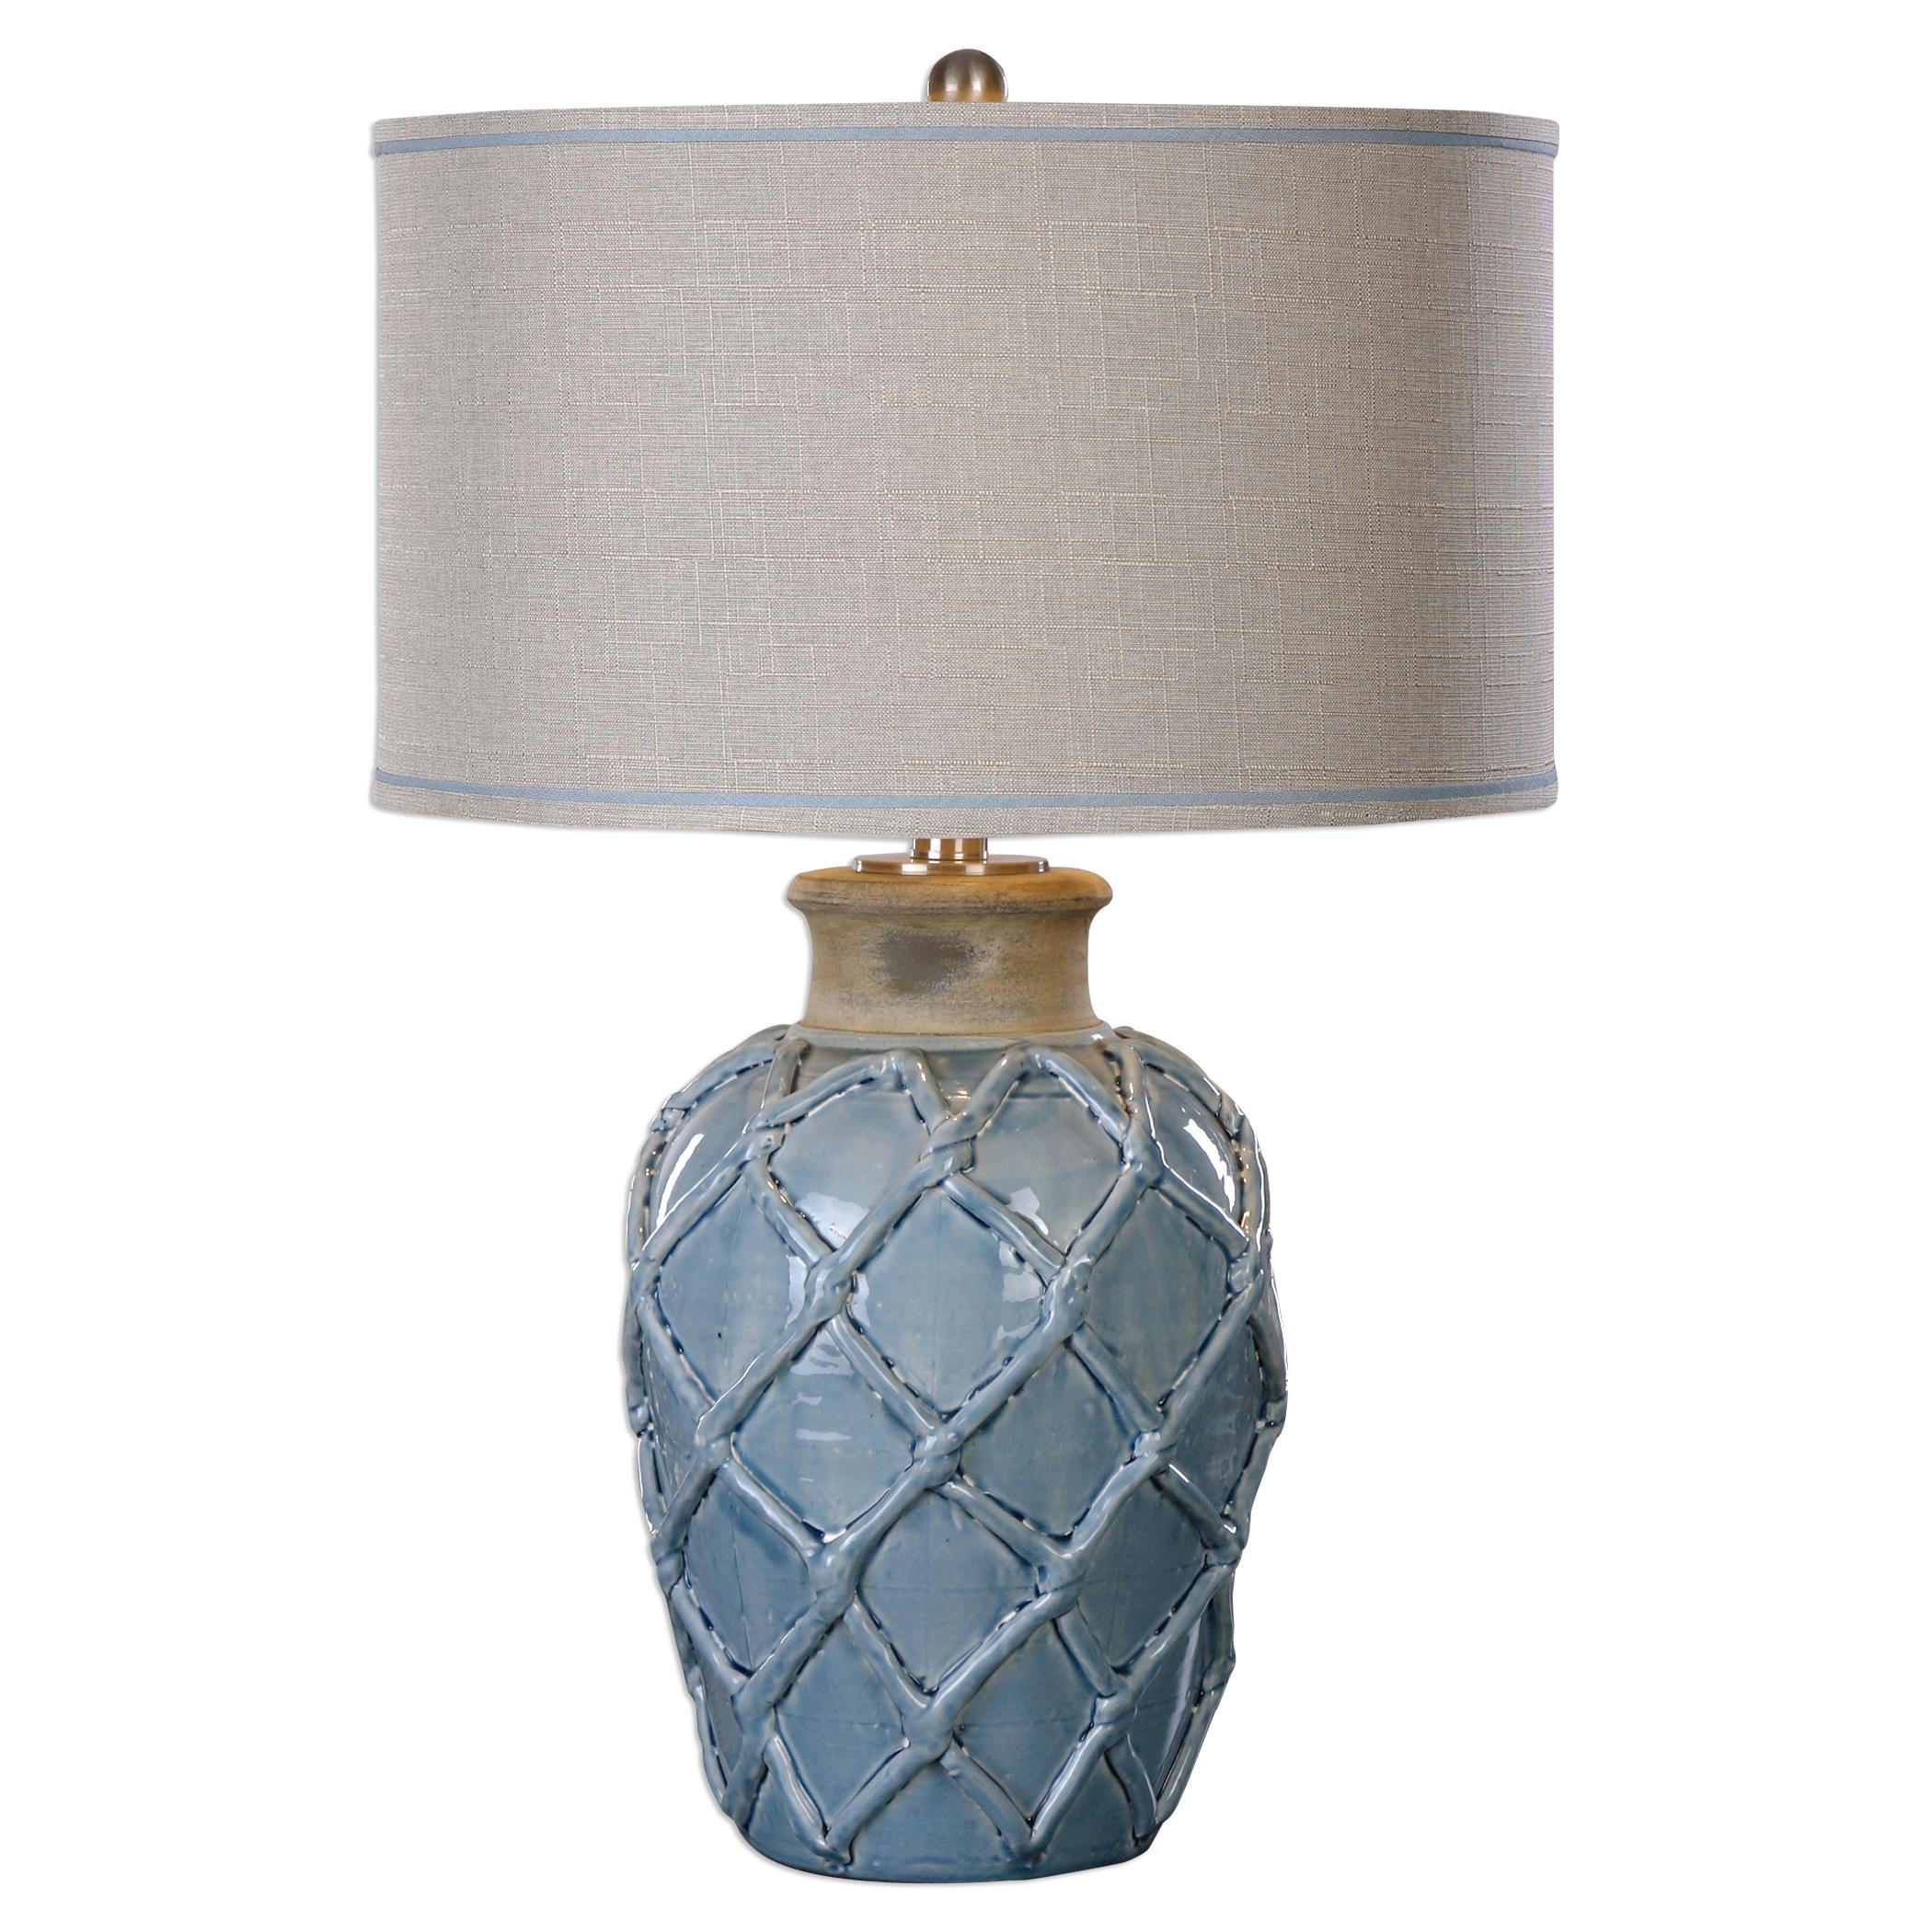 Uttermost LampsParterre Pale Blue Table Lamp ...